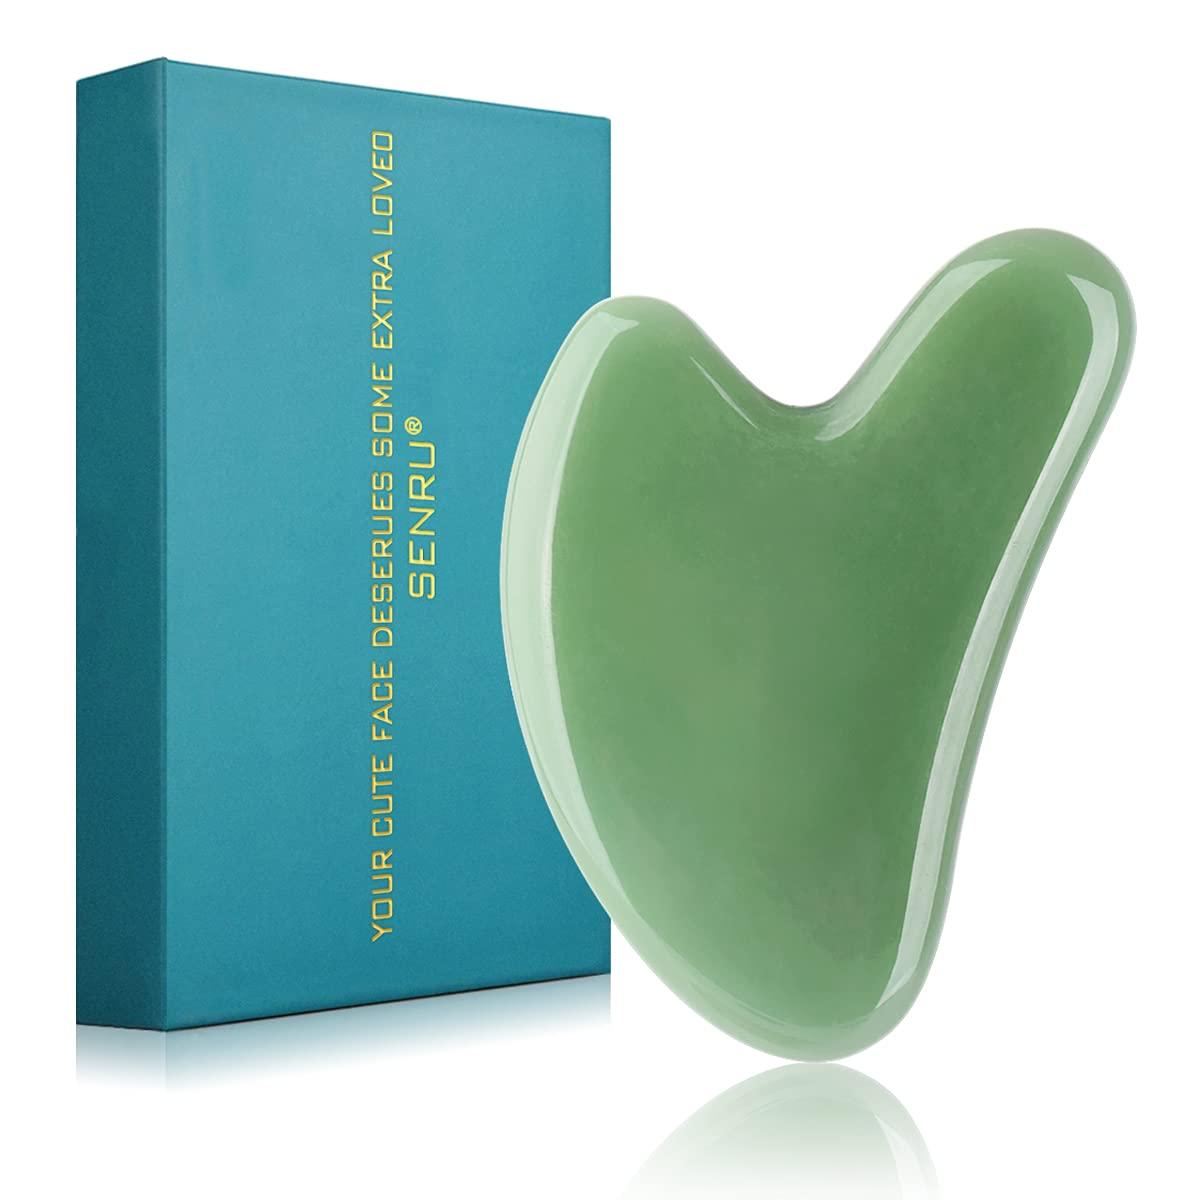 Gua Sha Super sale Sales for sale Massage Tool Facial Jade tools g Stone Natural